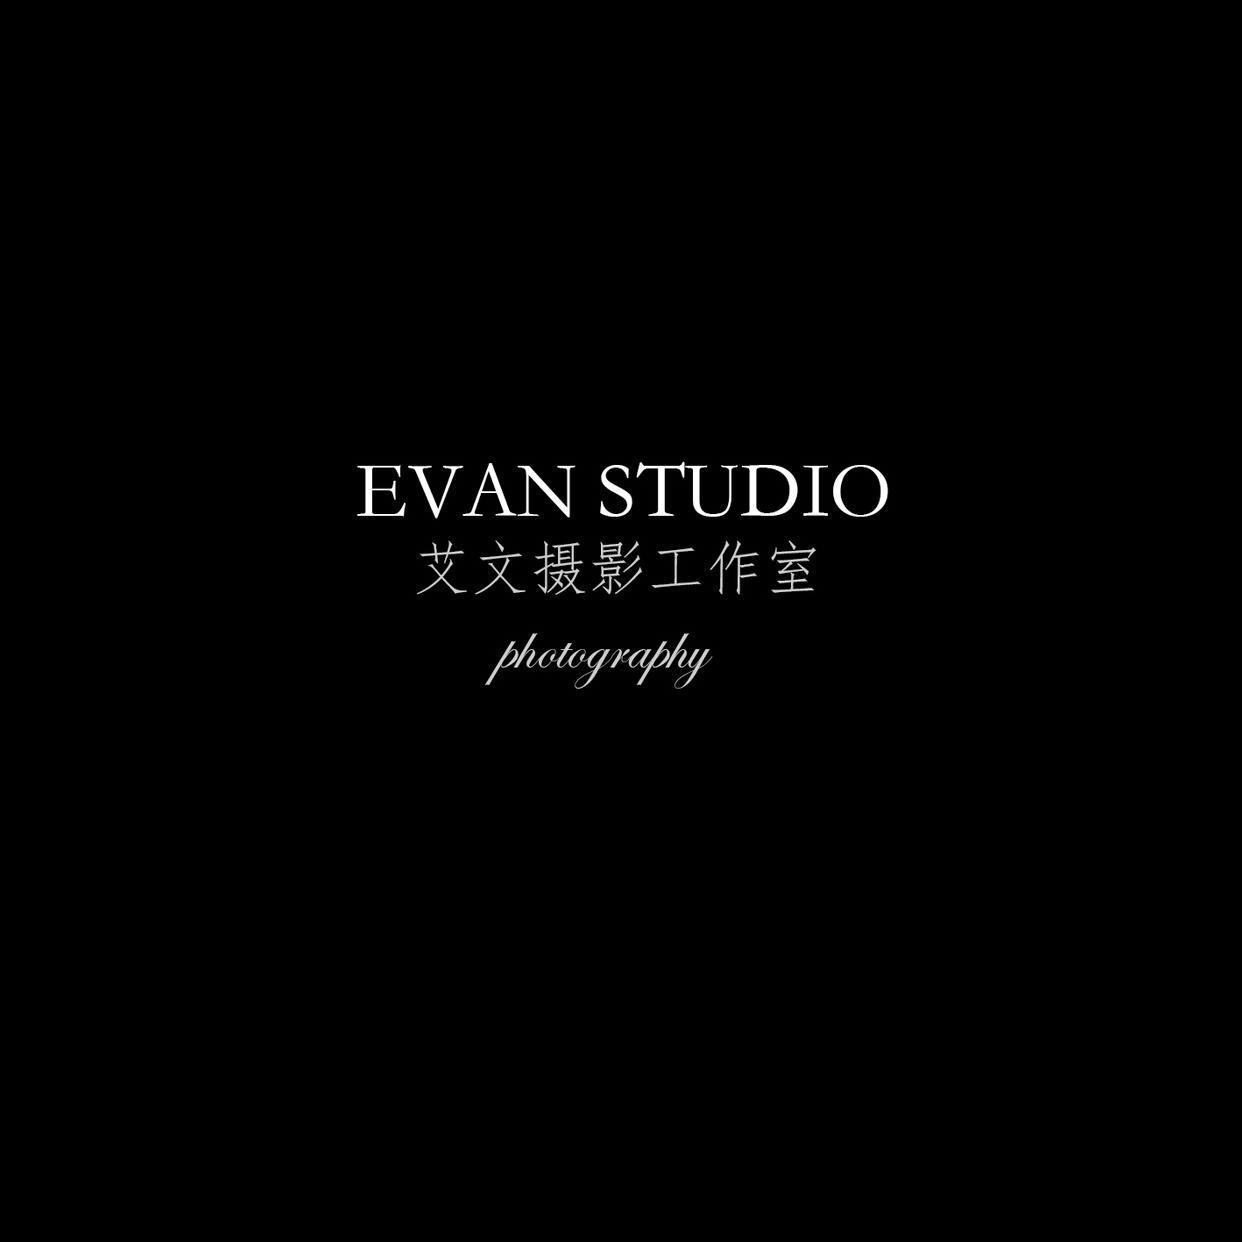 艾文摄影工作室